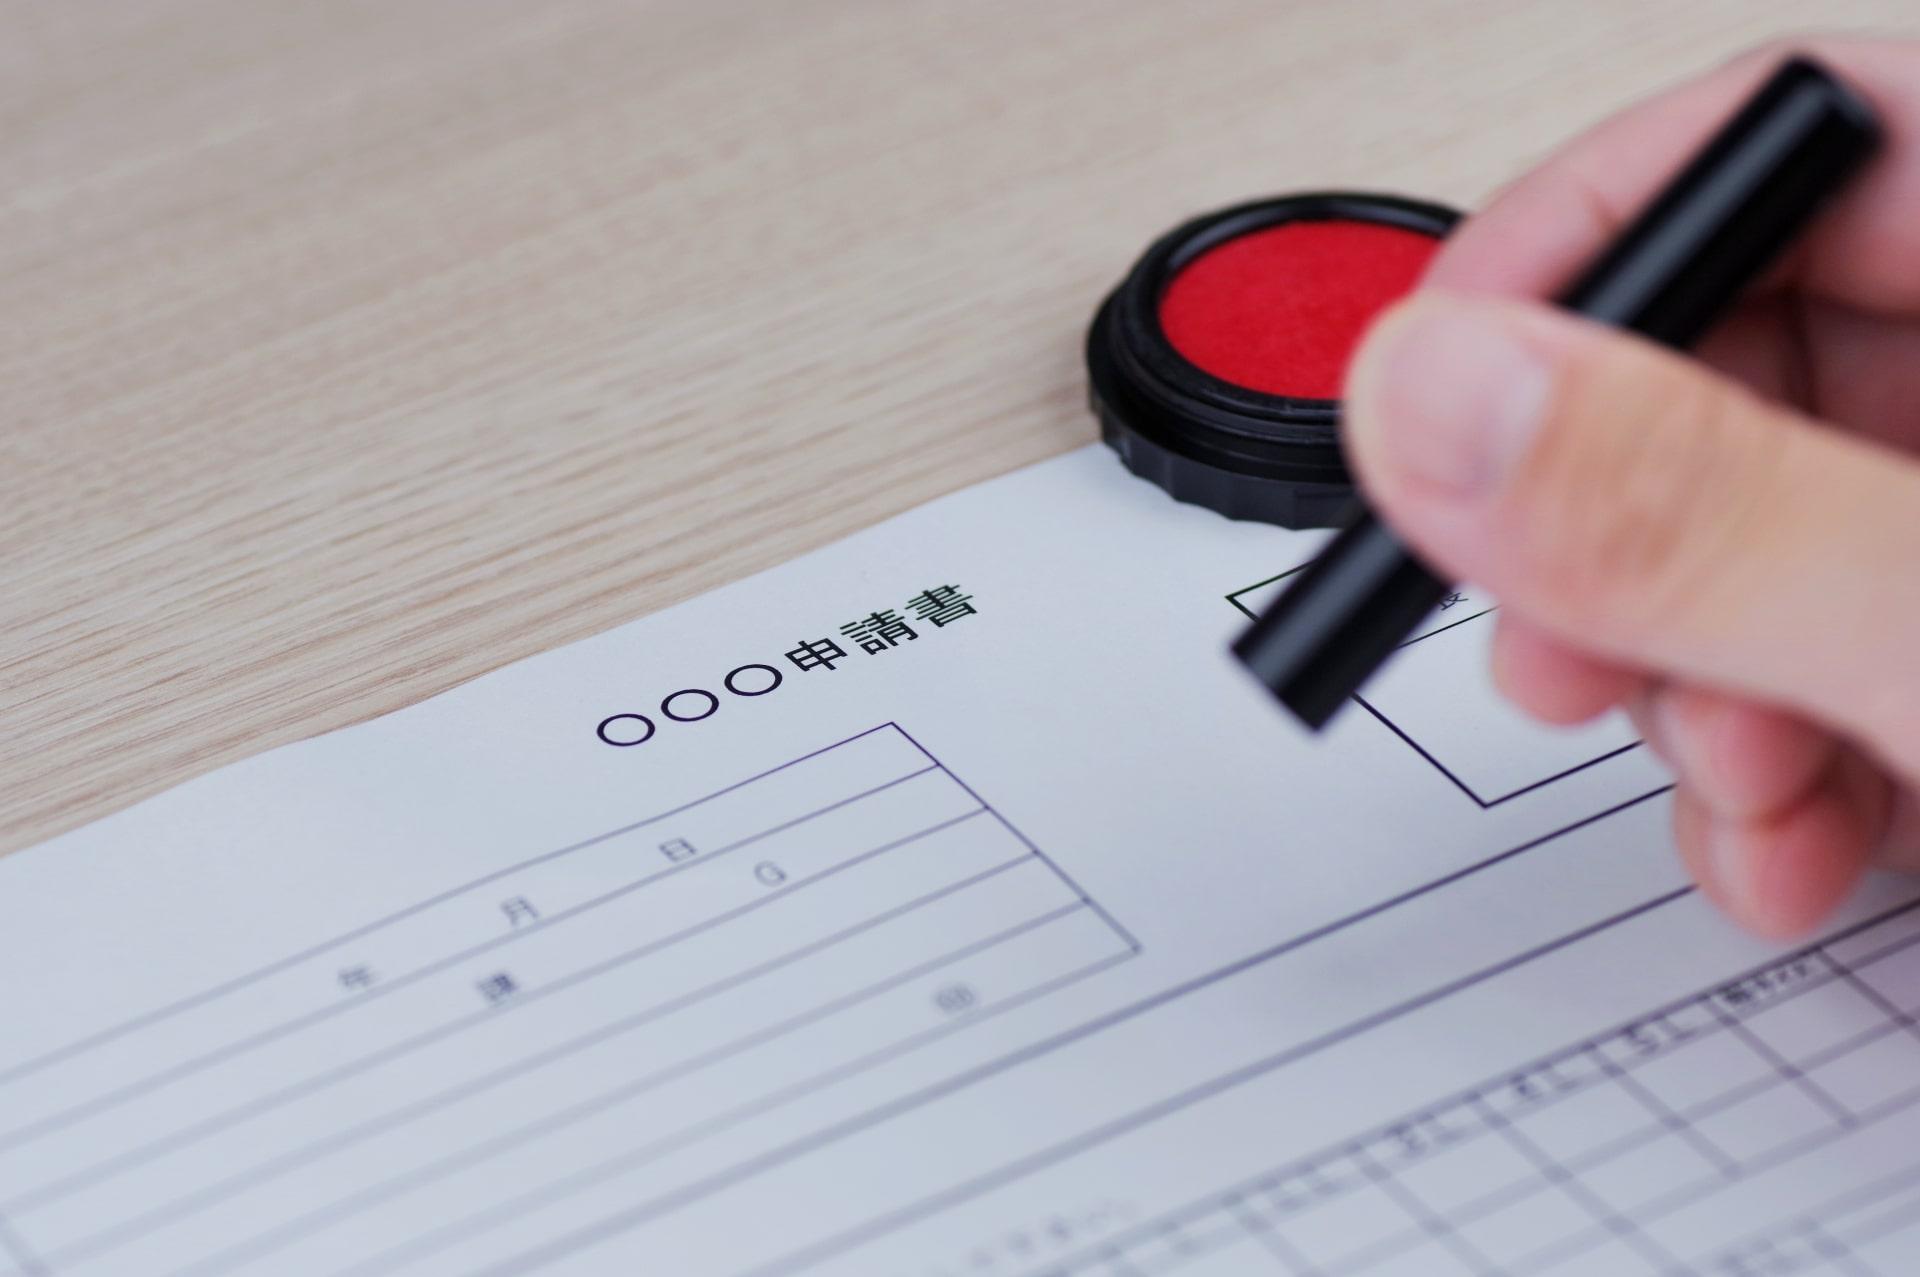 中小企業庁 事業再構築補助金のGビズ申請